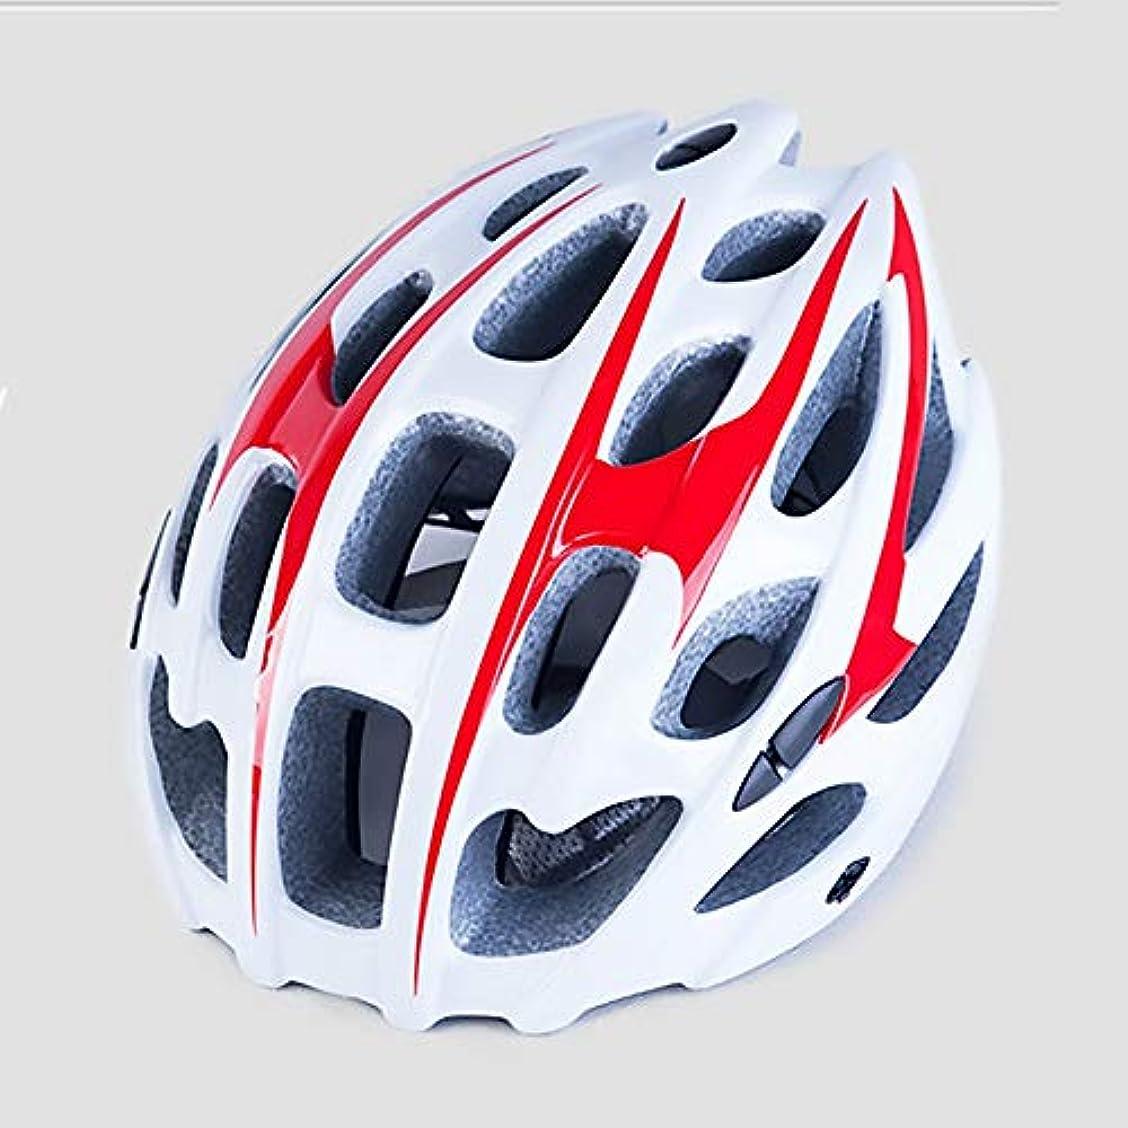 骨髄抽象化取り組むSafety 赤と白の線のスタイル自転車用ヘルメット乗馬用ヘルメット自転車用マウンテンバイク用ヘルメット屋外用乗馬用品電気自動車用ヘルメットオートバイ用ヘルメット